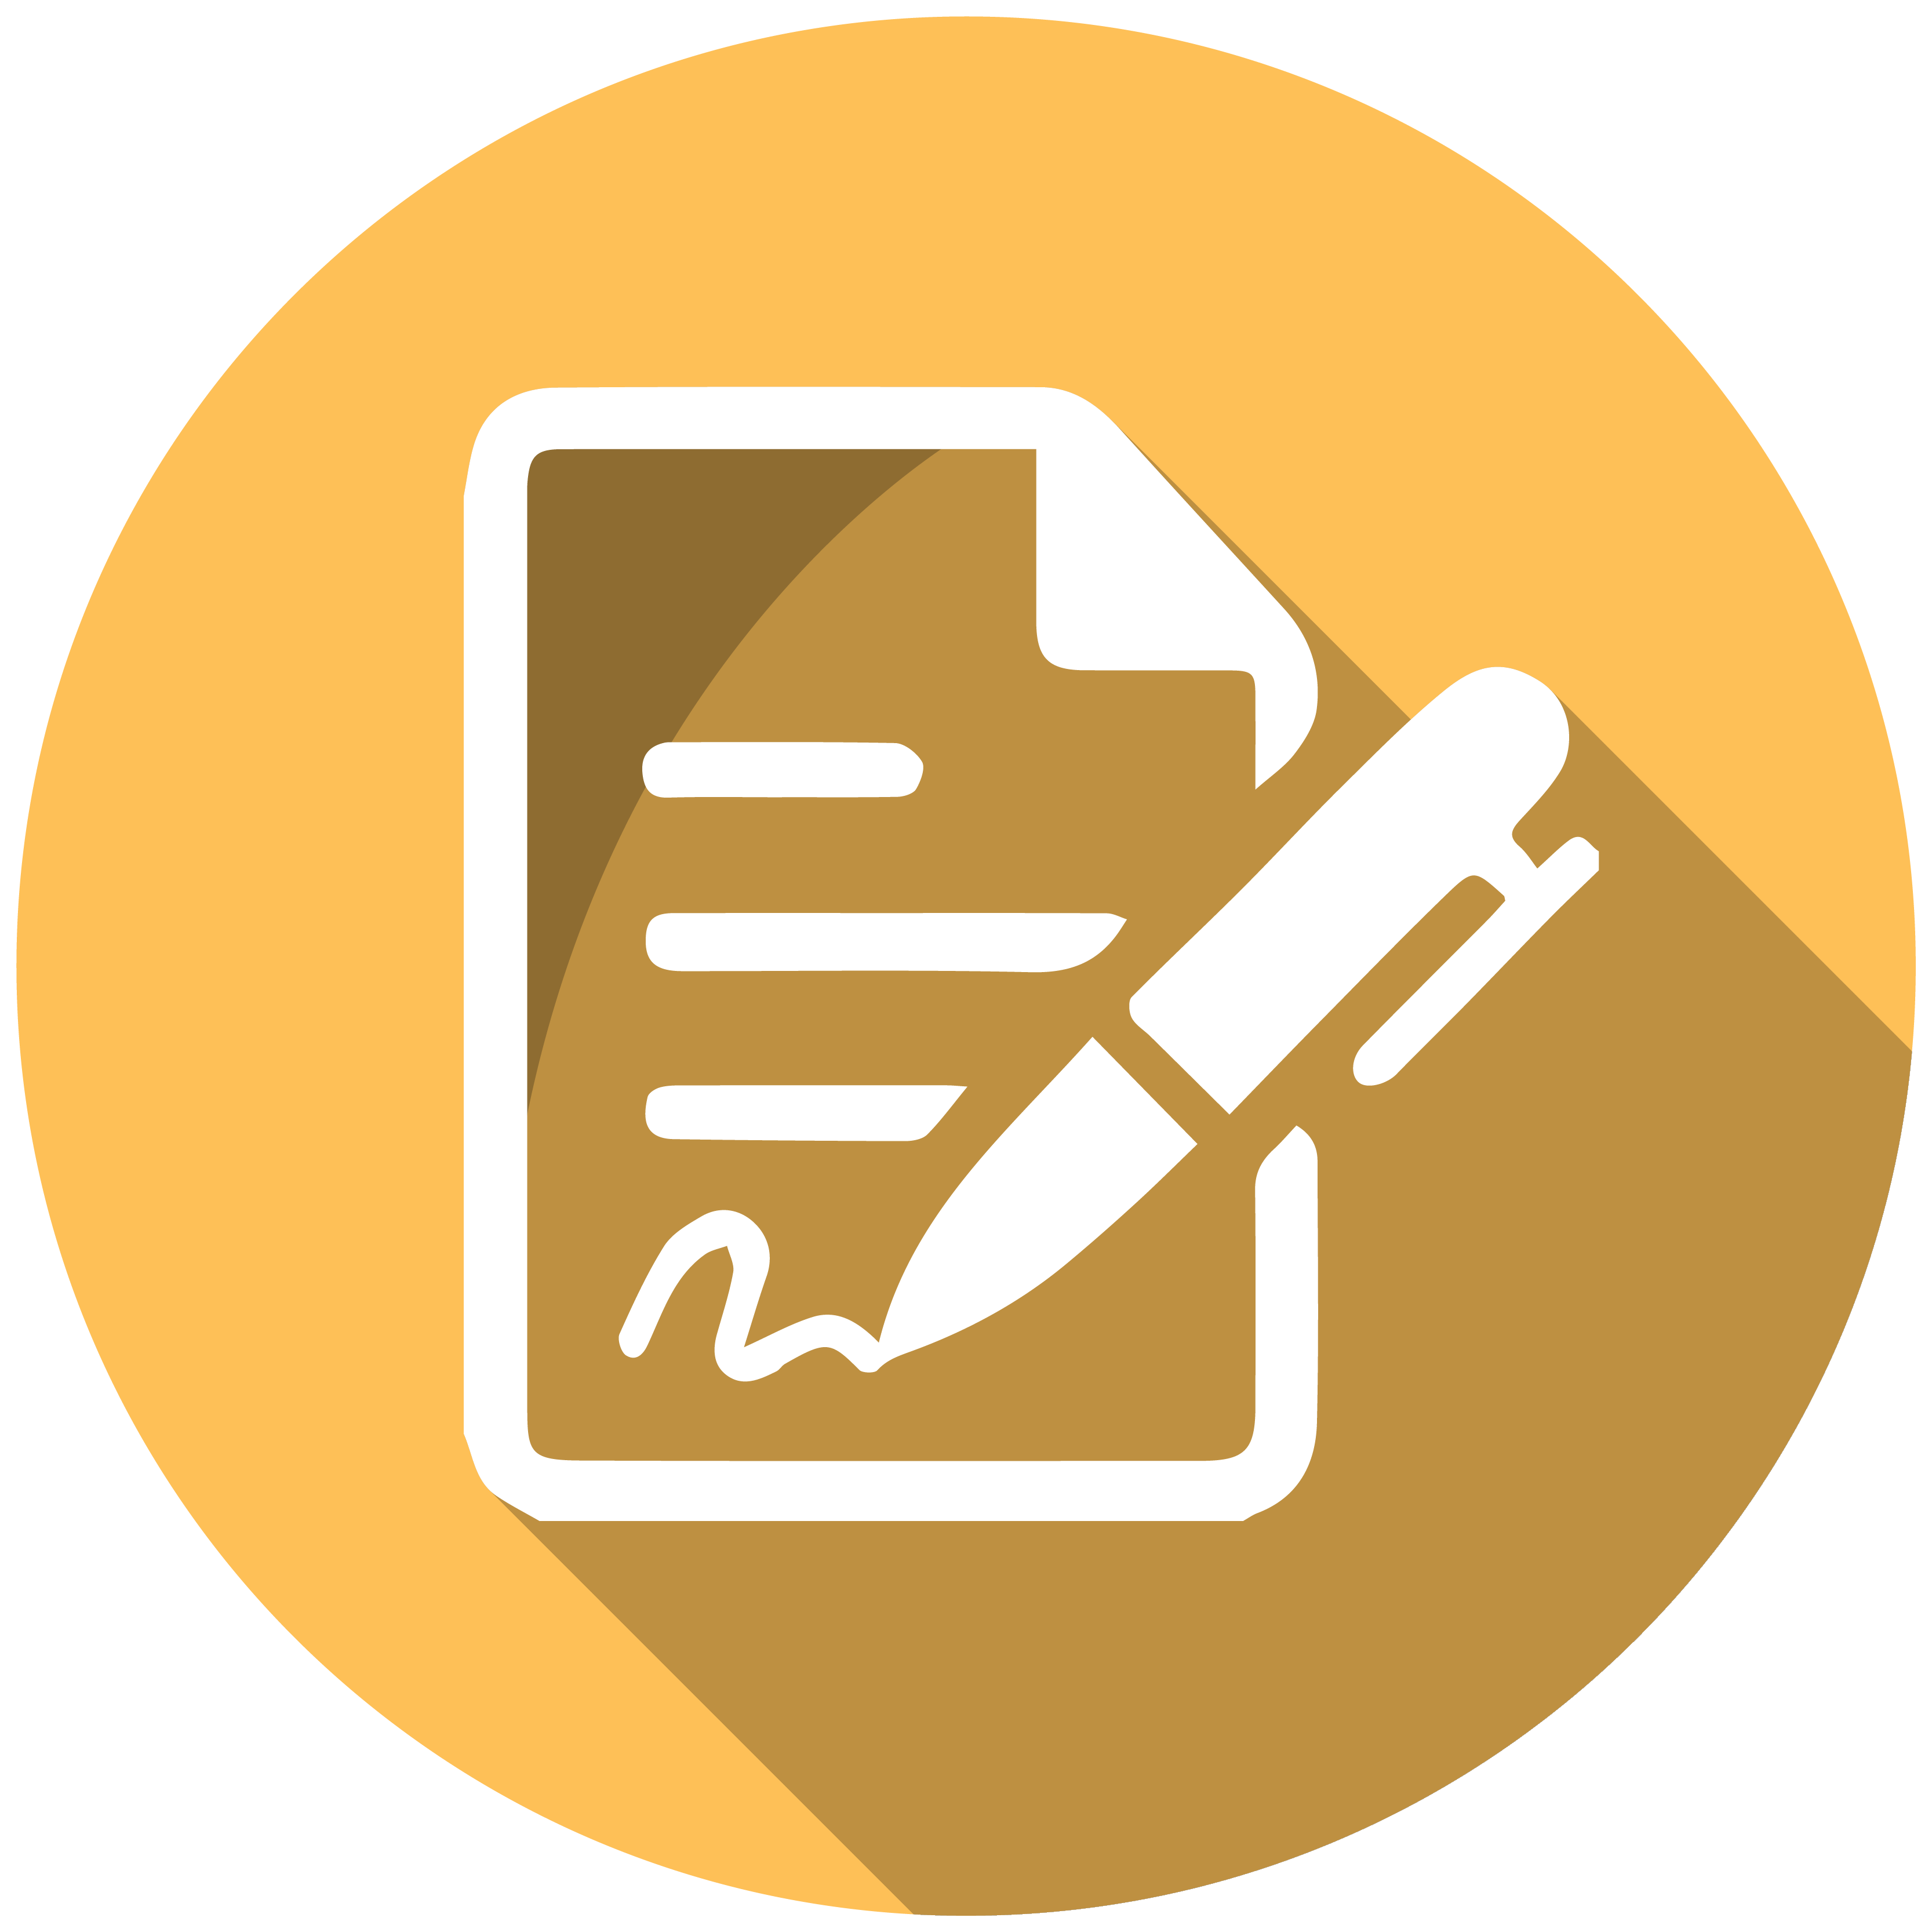 خرید فایل( علل اصلی ایجاد و افزایش مطالبات معوق بانکها و افزایش بهره وری بانک ها و موسسات اعتباری)